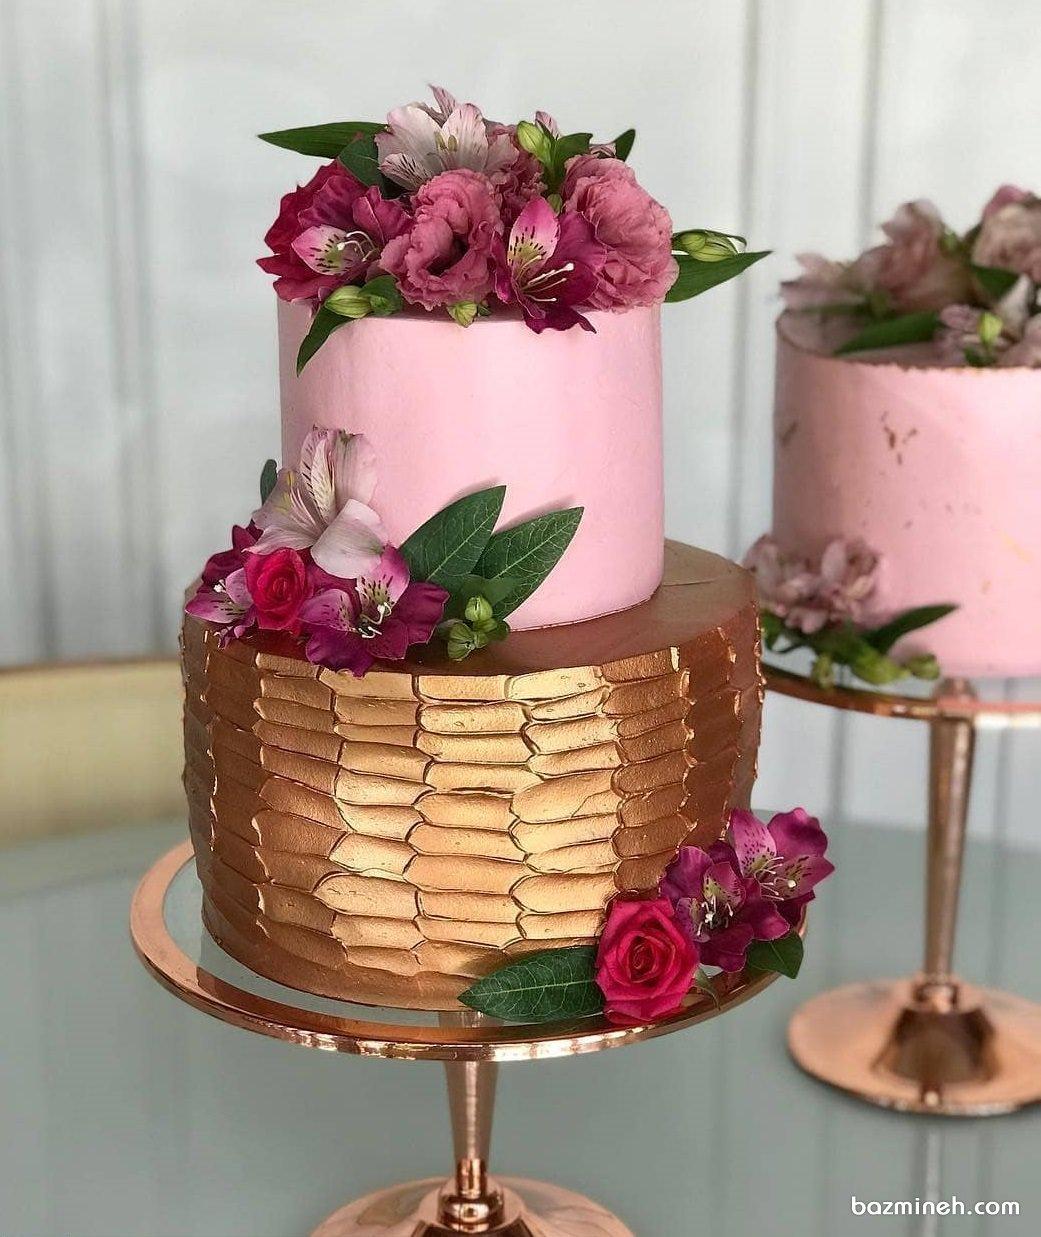 کیک دو طبقه زیبای جشن تولد بزرگسال یا سالگرد ازدواج با تم صورتی طلایی تزیین شده با گل های طبیعی